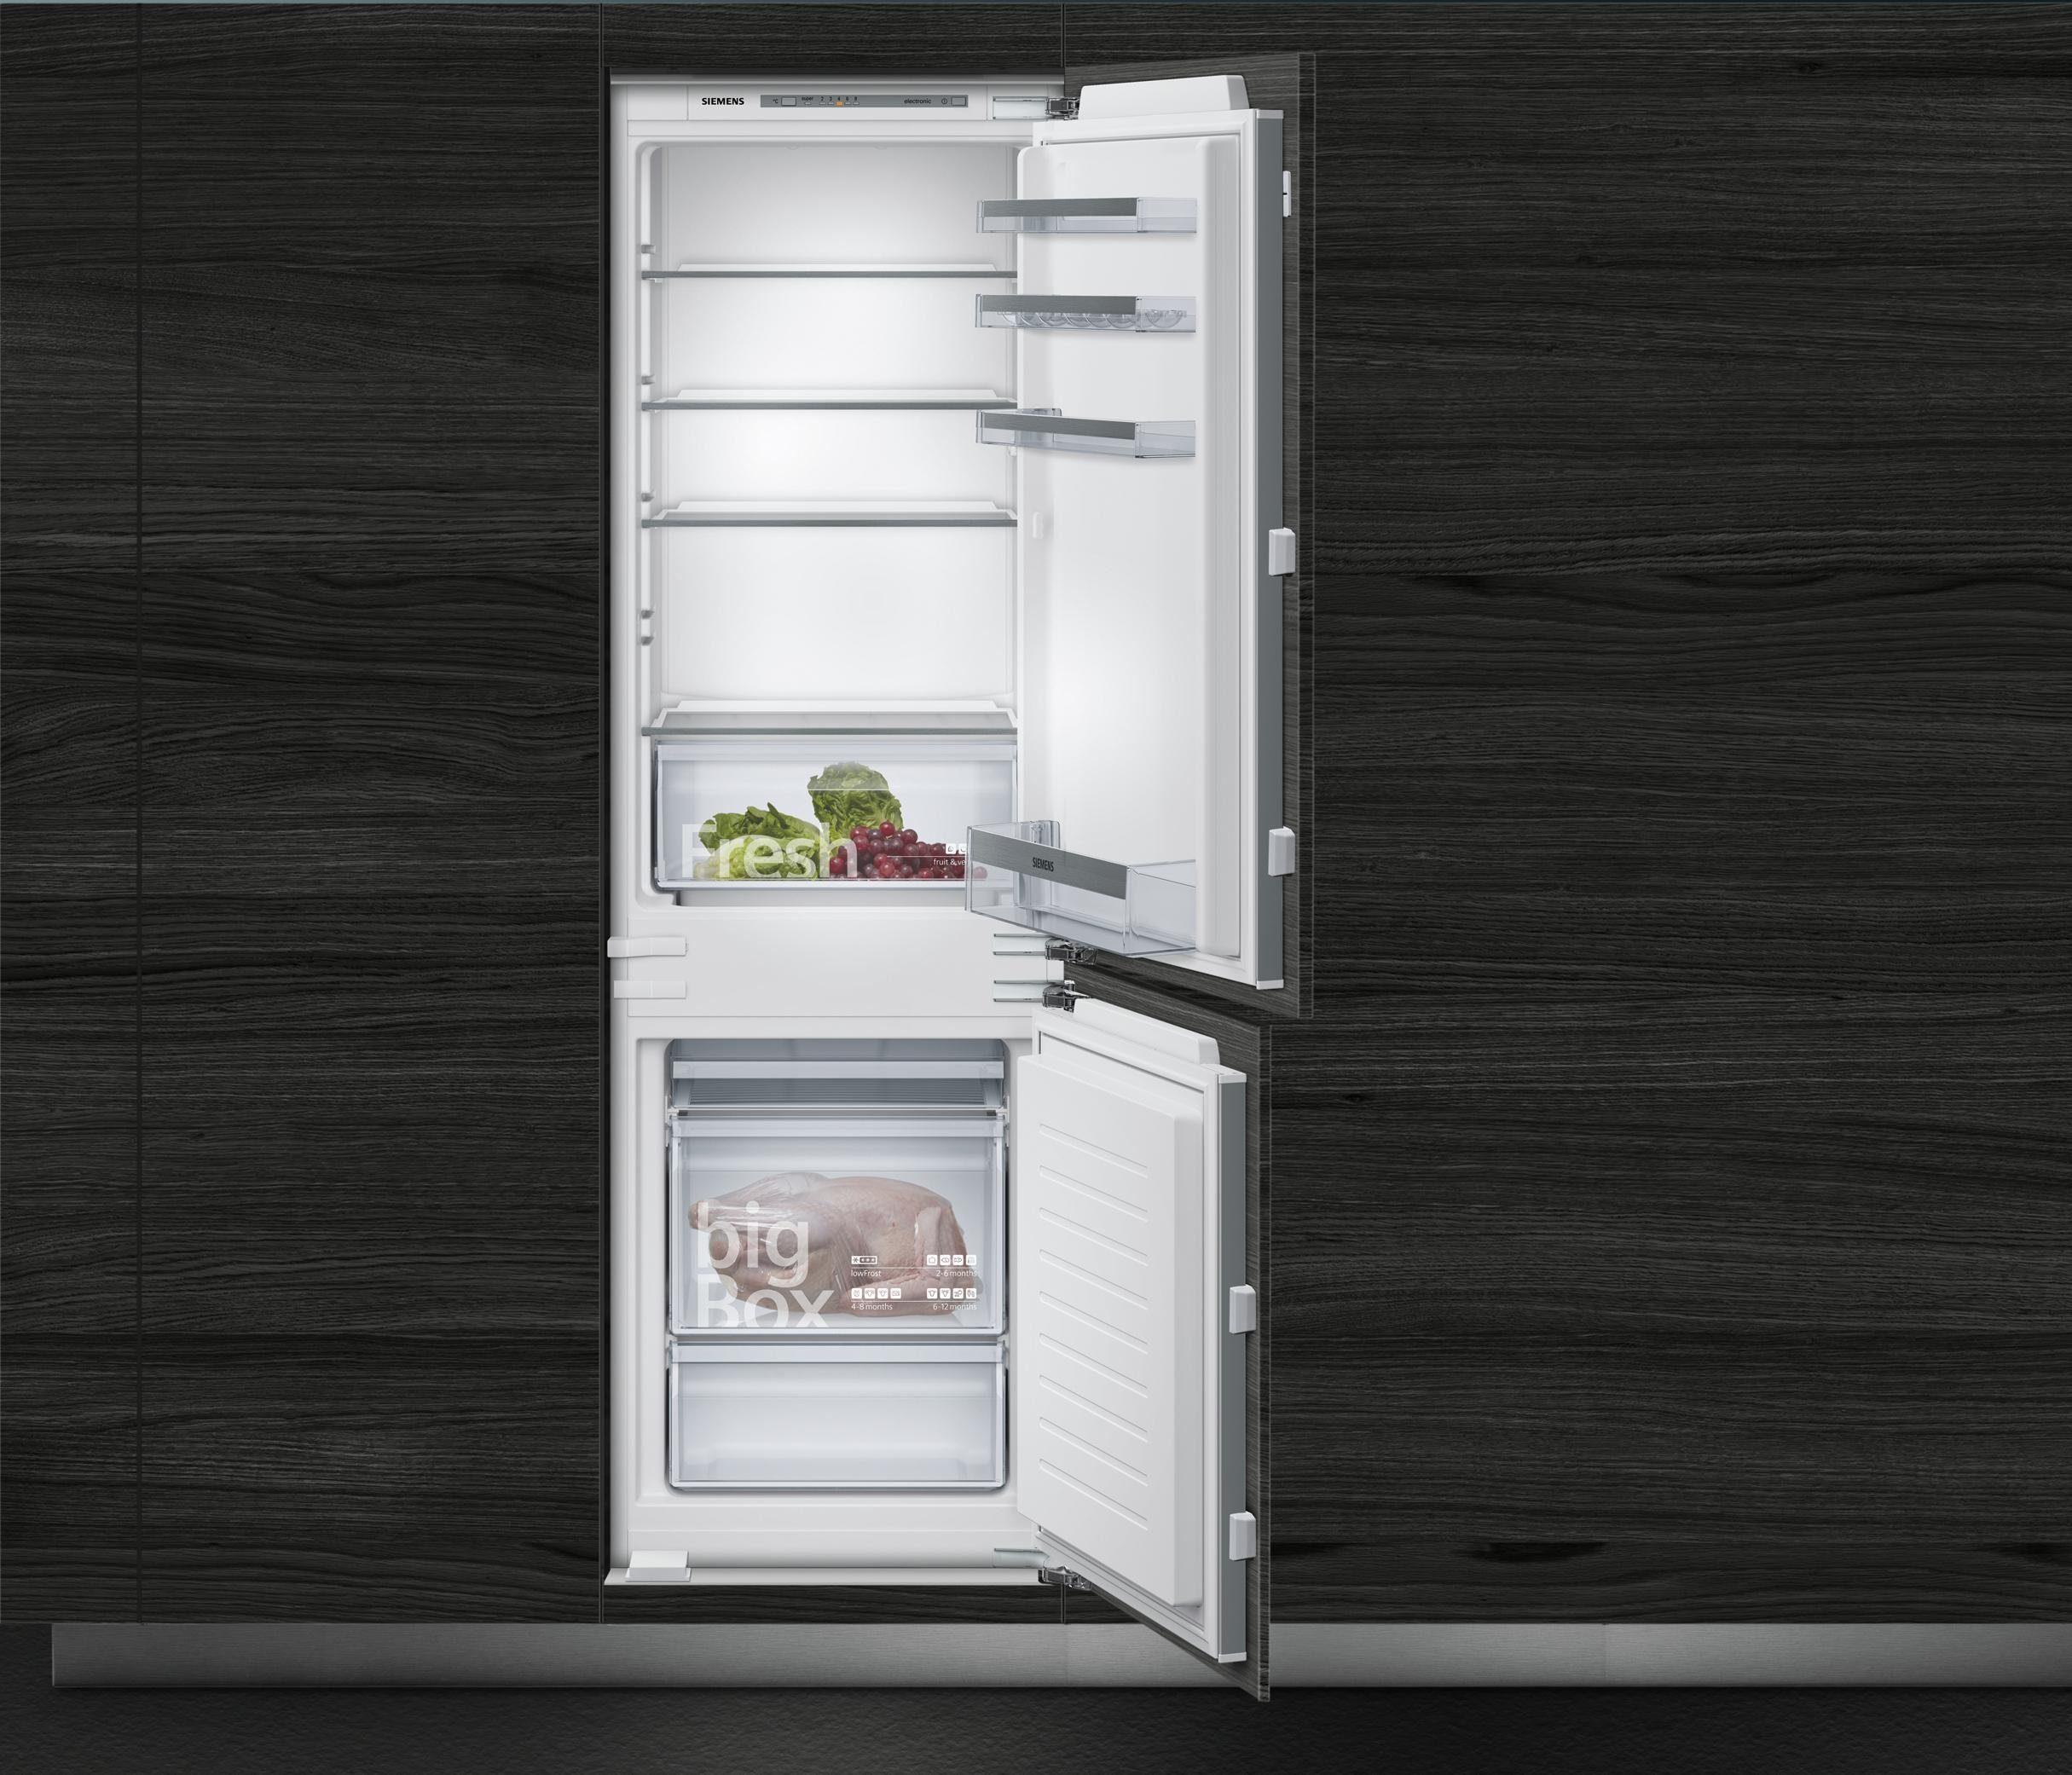 SIEMENS Einbaukühlschrank KI86VVF30, 177,2 cm hoch, 54,5 cm breit, Energieeffizienzklasse: A++, 177,2 cm hoch